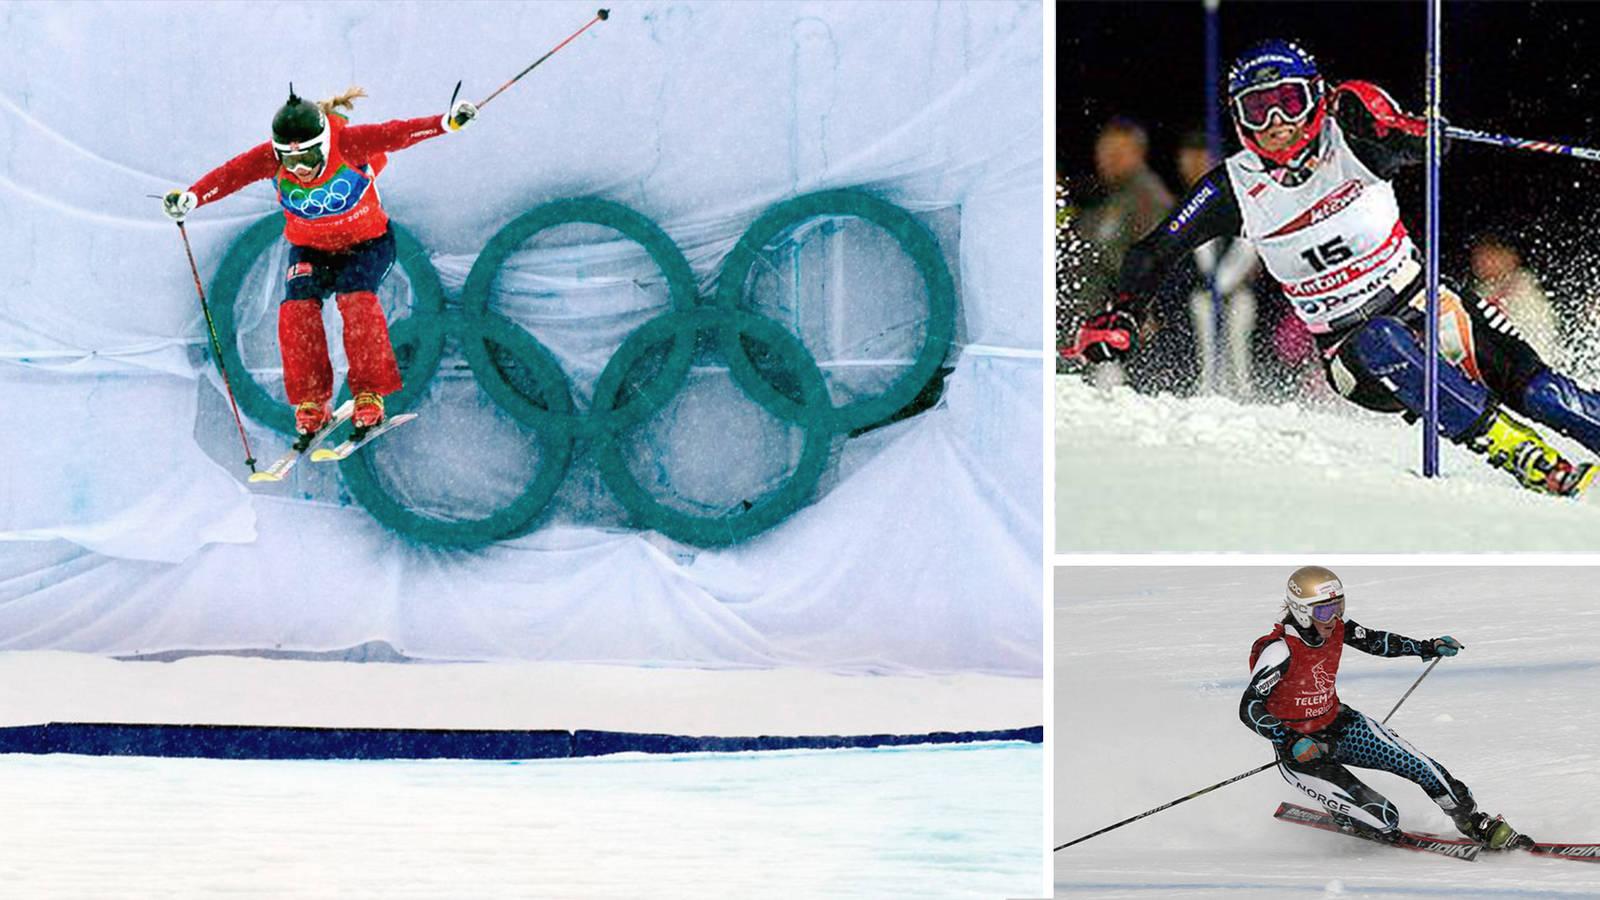 HEDDA BERNTSEN: Verdensmester i telemark, VM-bronse i slalåm, OL-sølv i skicross - blant annet